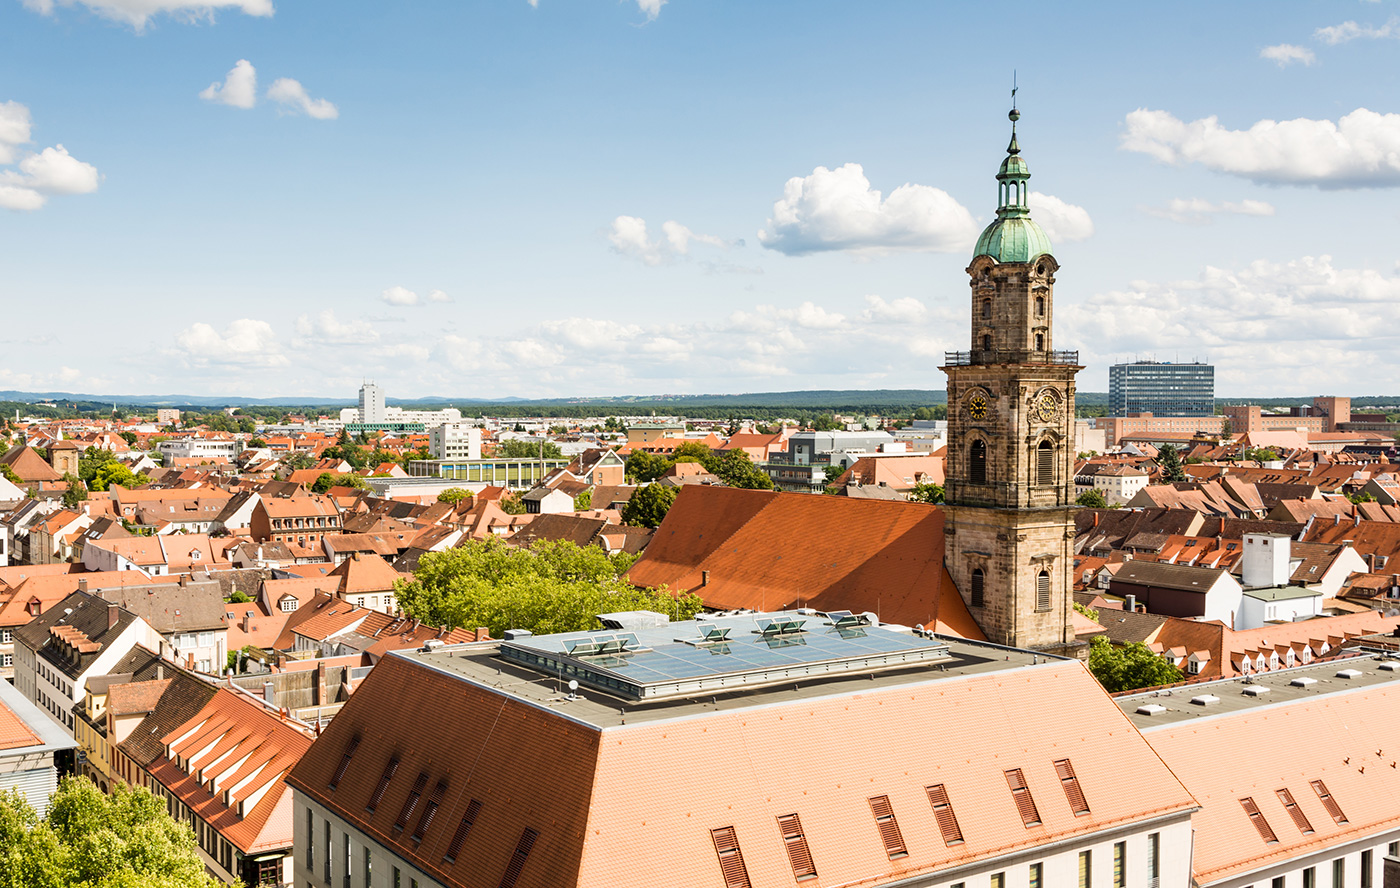 Finden Sie die passende Wohnung mit Ihrem Immobilienmakler in Erlangen